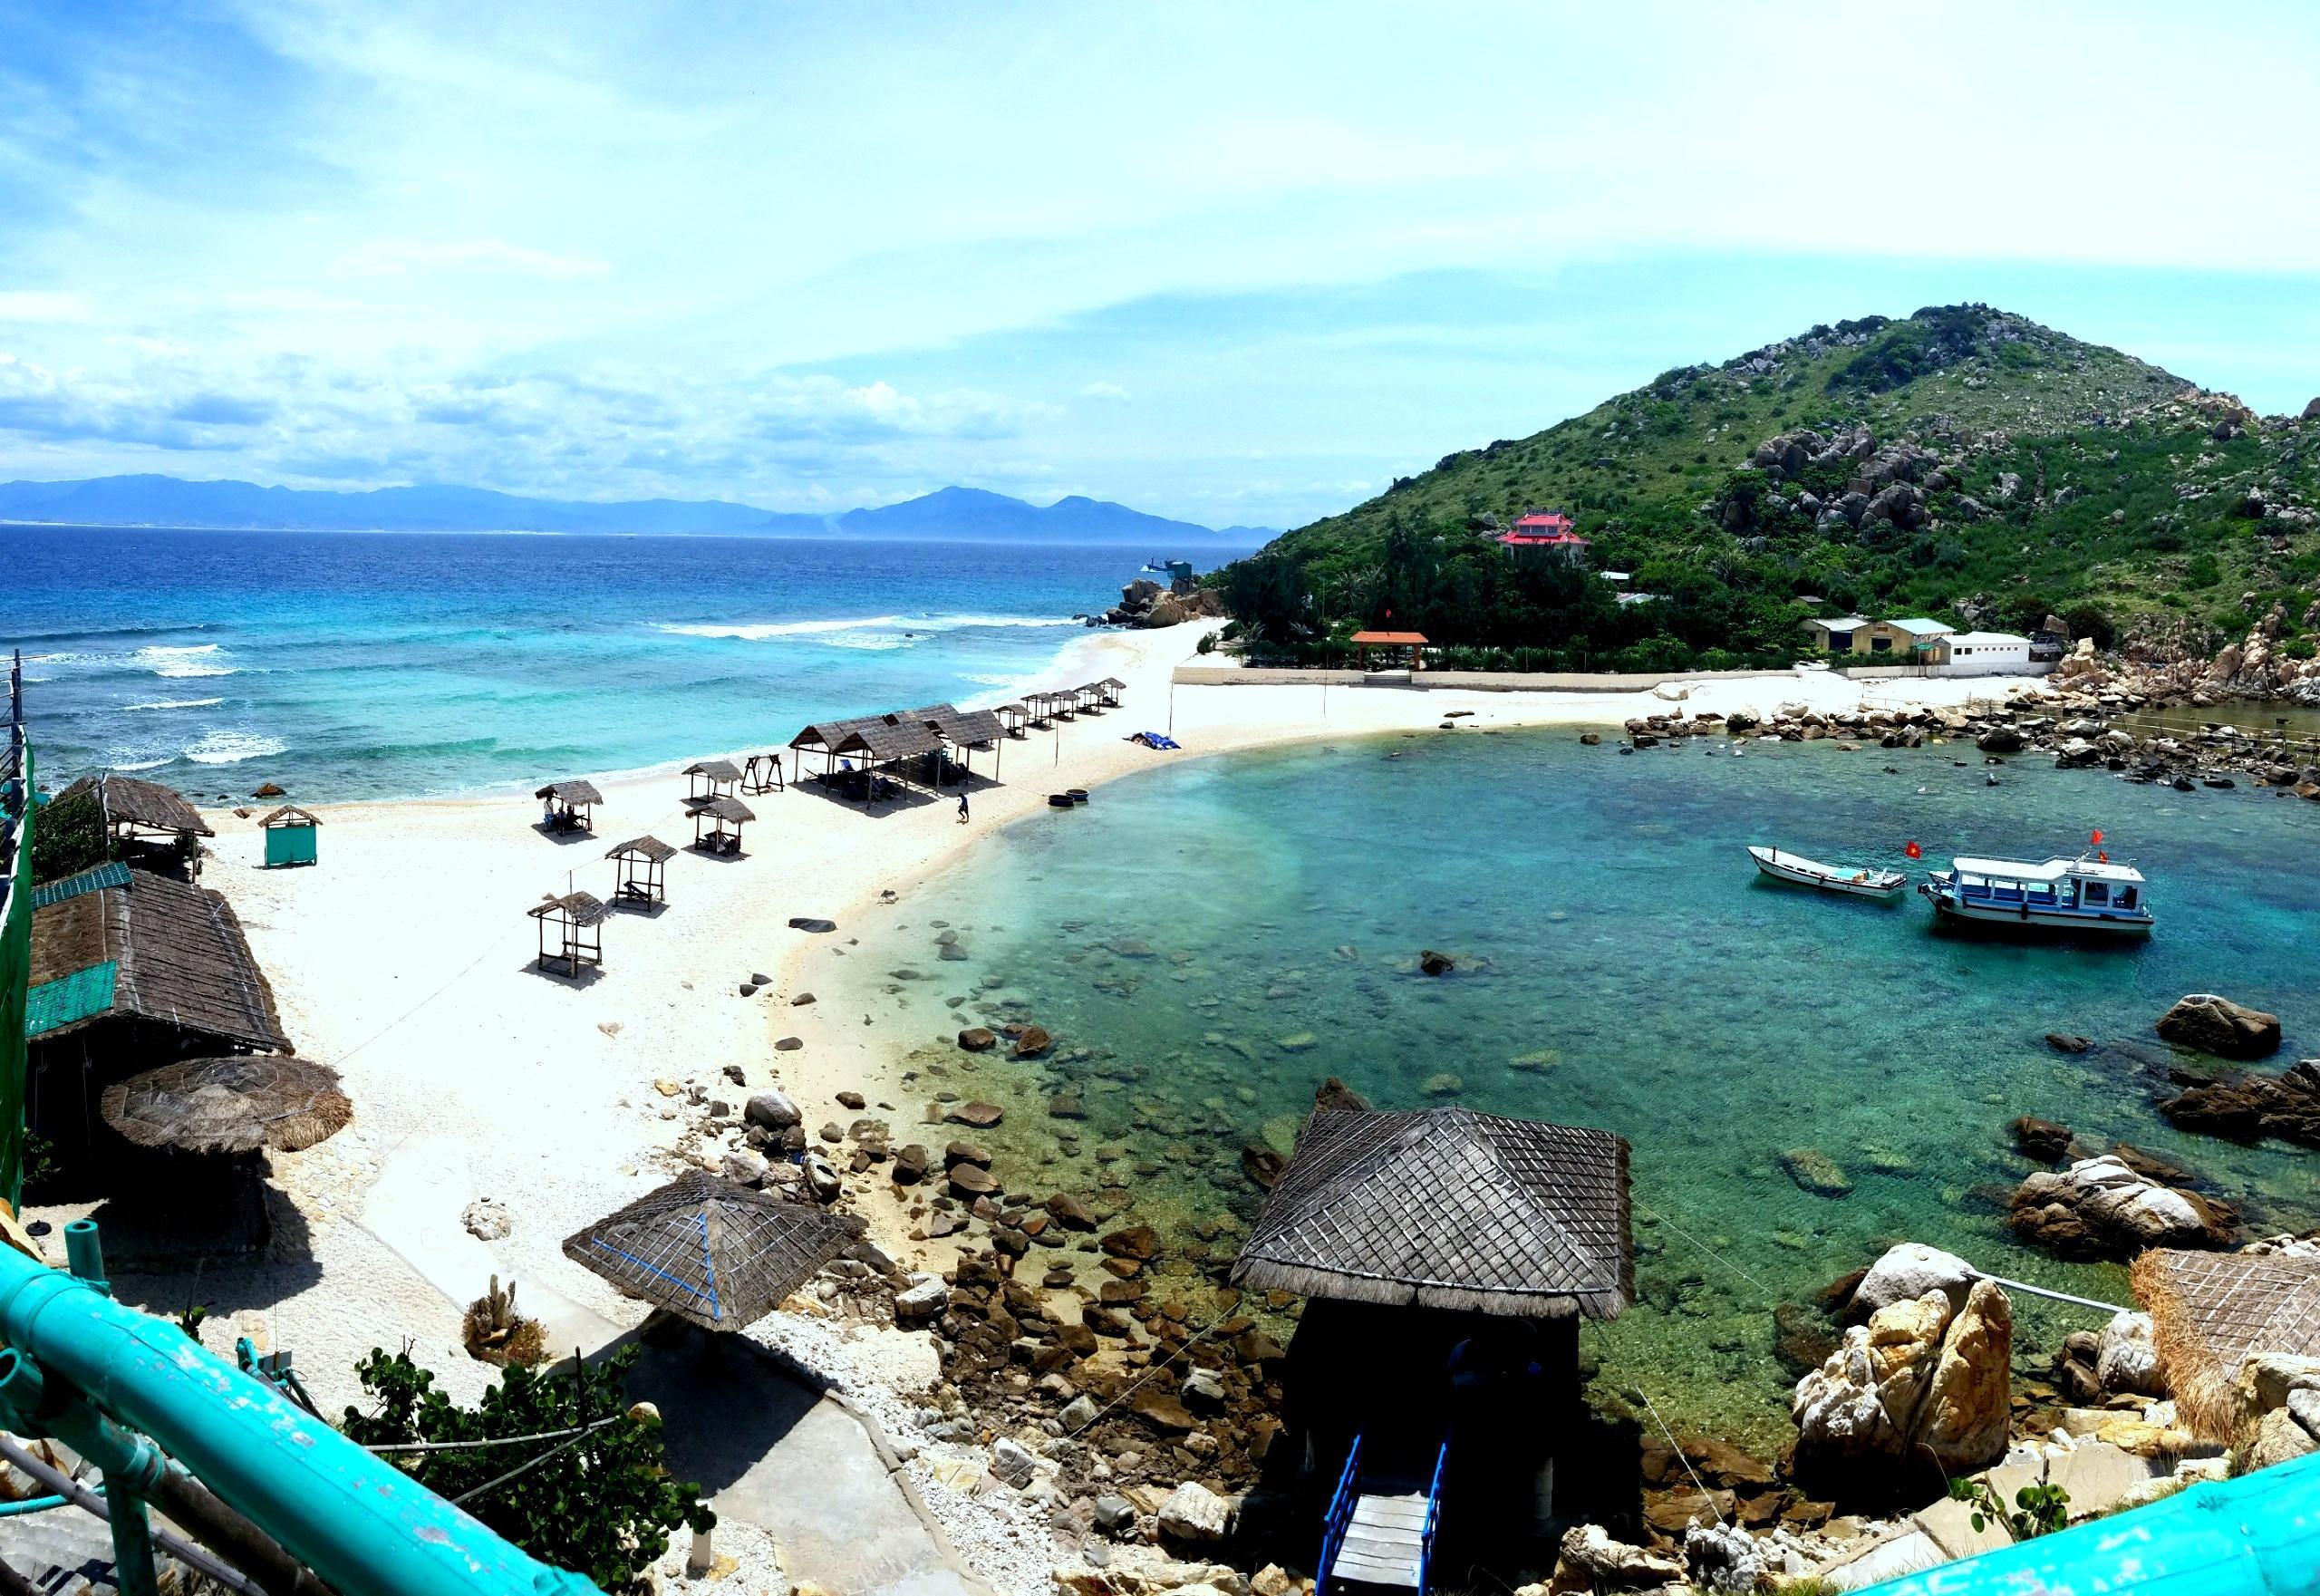 Tour Đảo Yến Hòn Nội Nha Trang Chất Lượng Cao